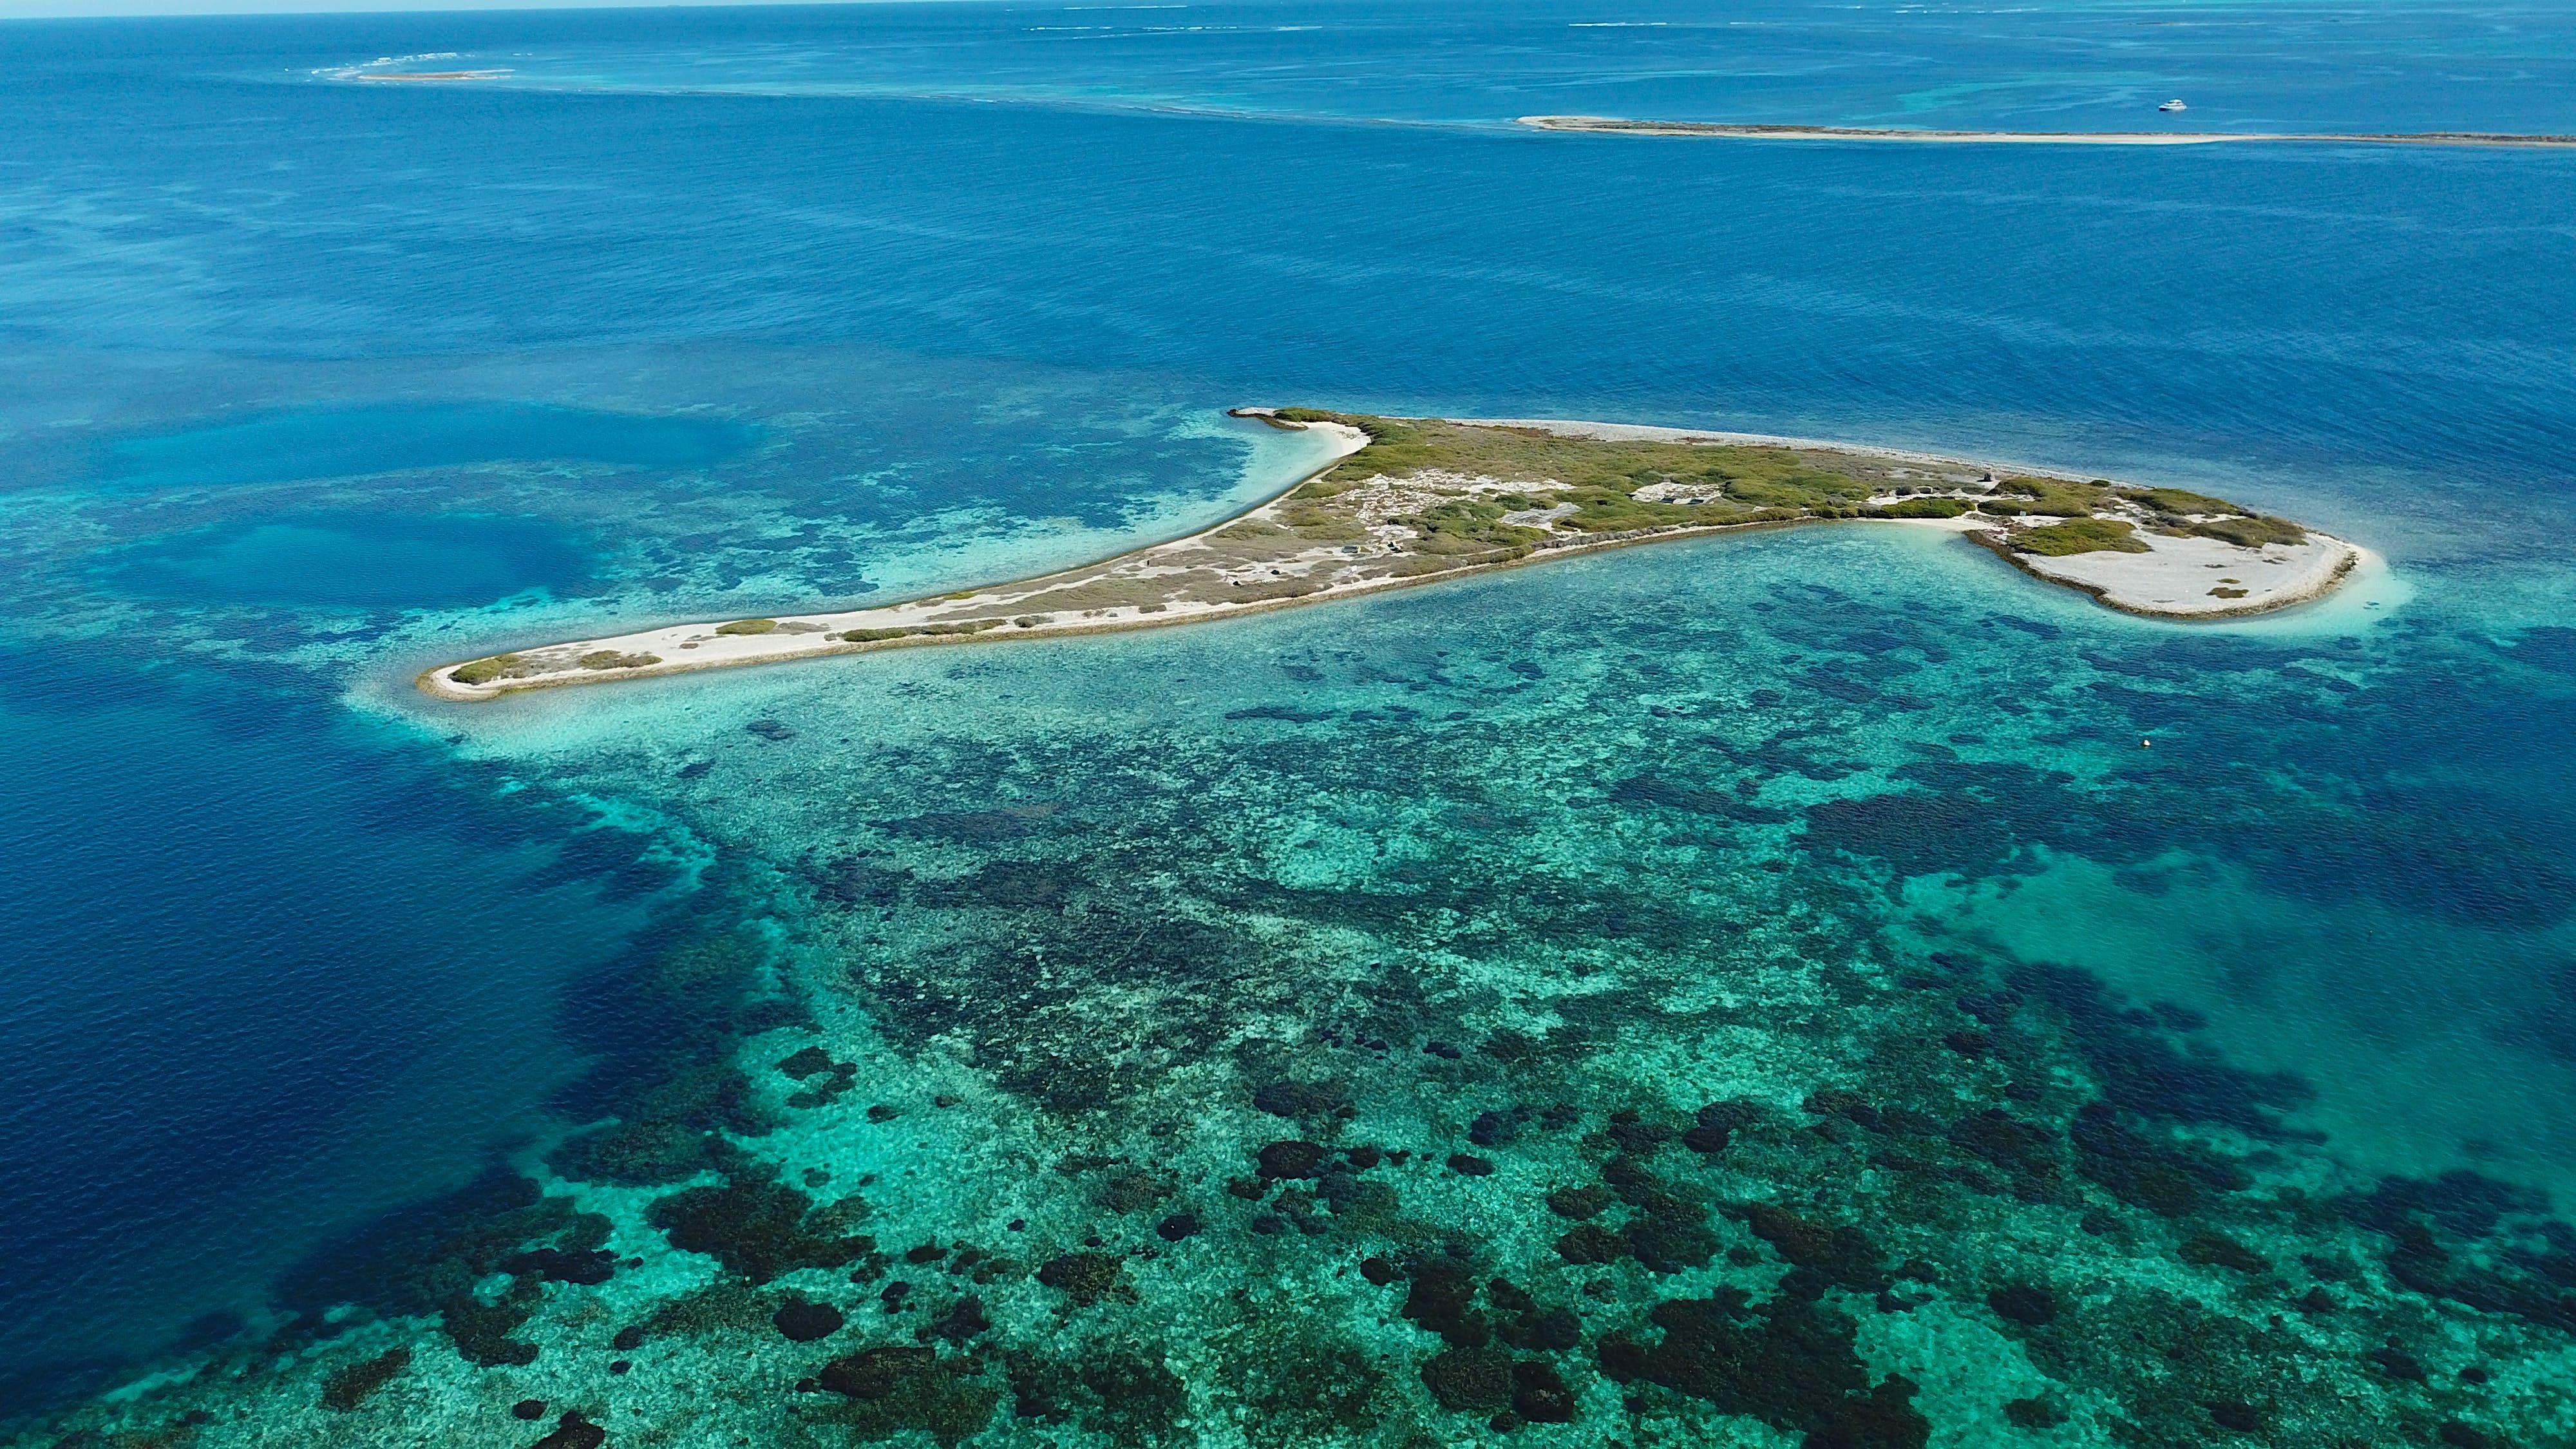 El Parque Nacional Houtman Abrolhos Islands